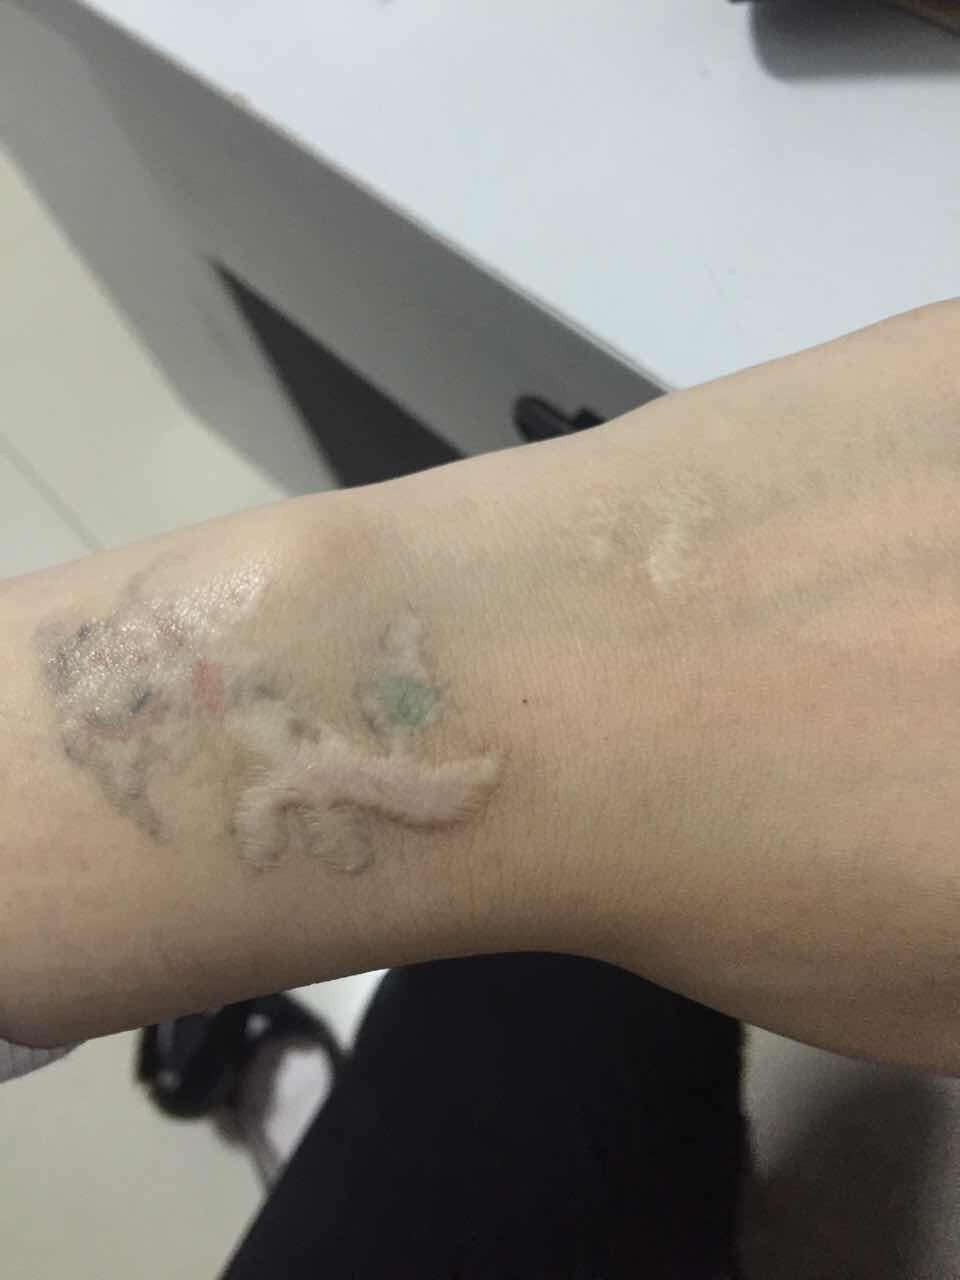 纹身疤痕怎么办,以前留的纹身疤痕,可以去的掉吗